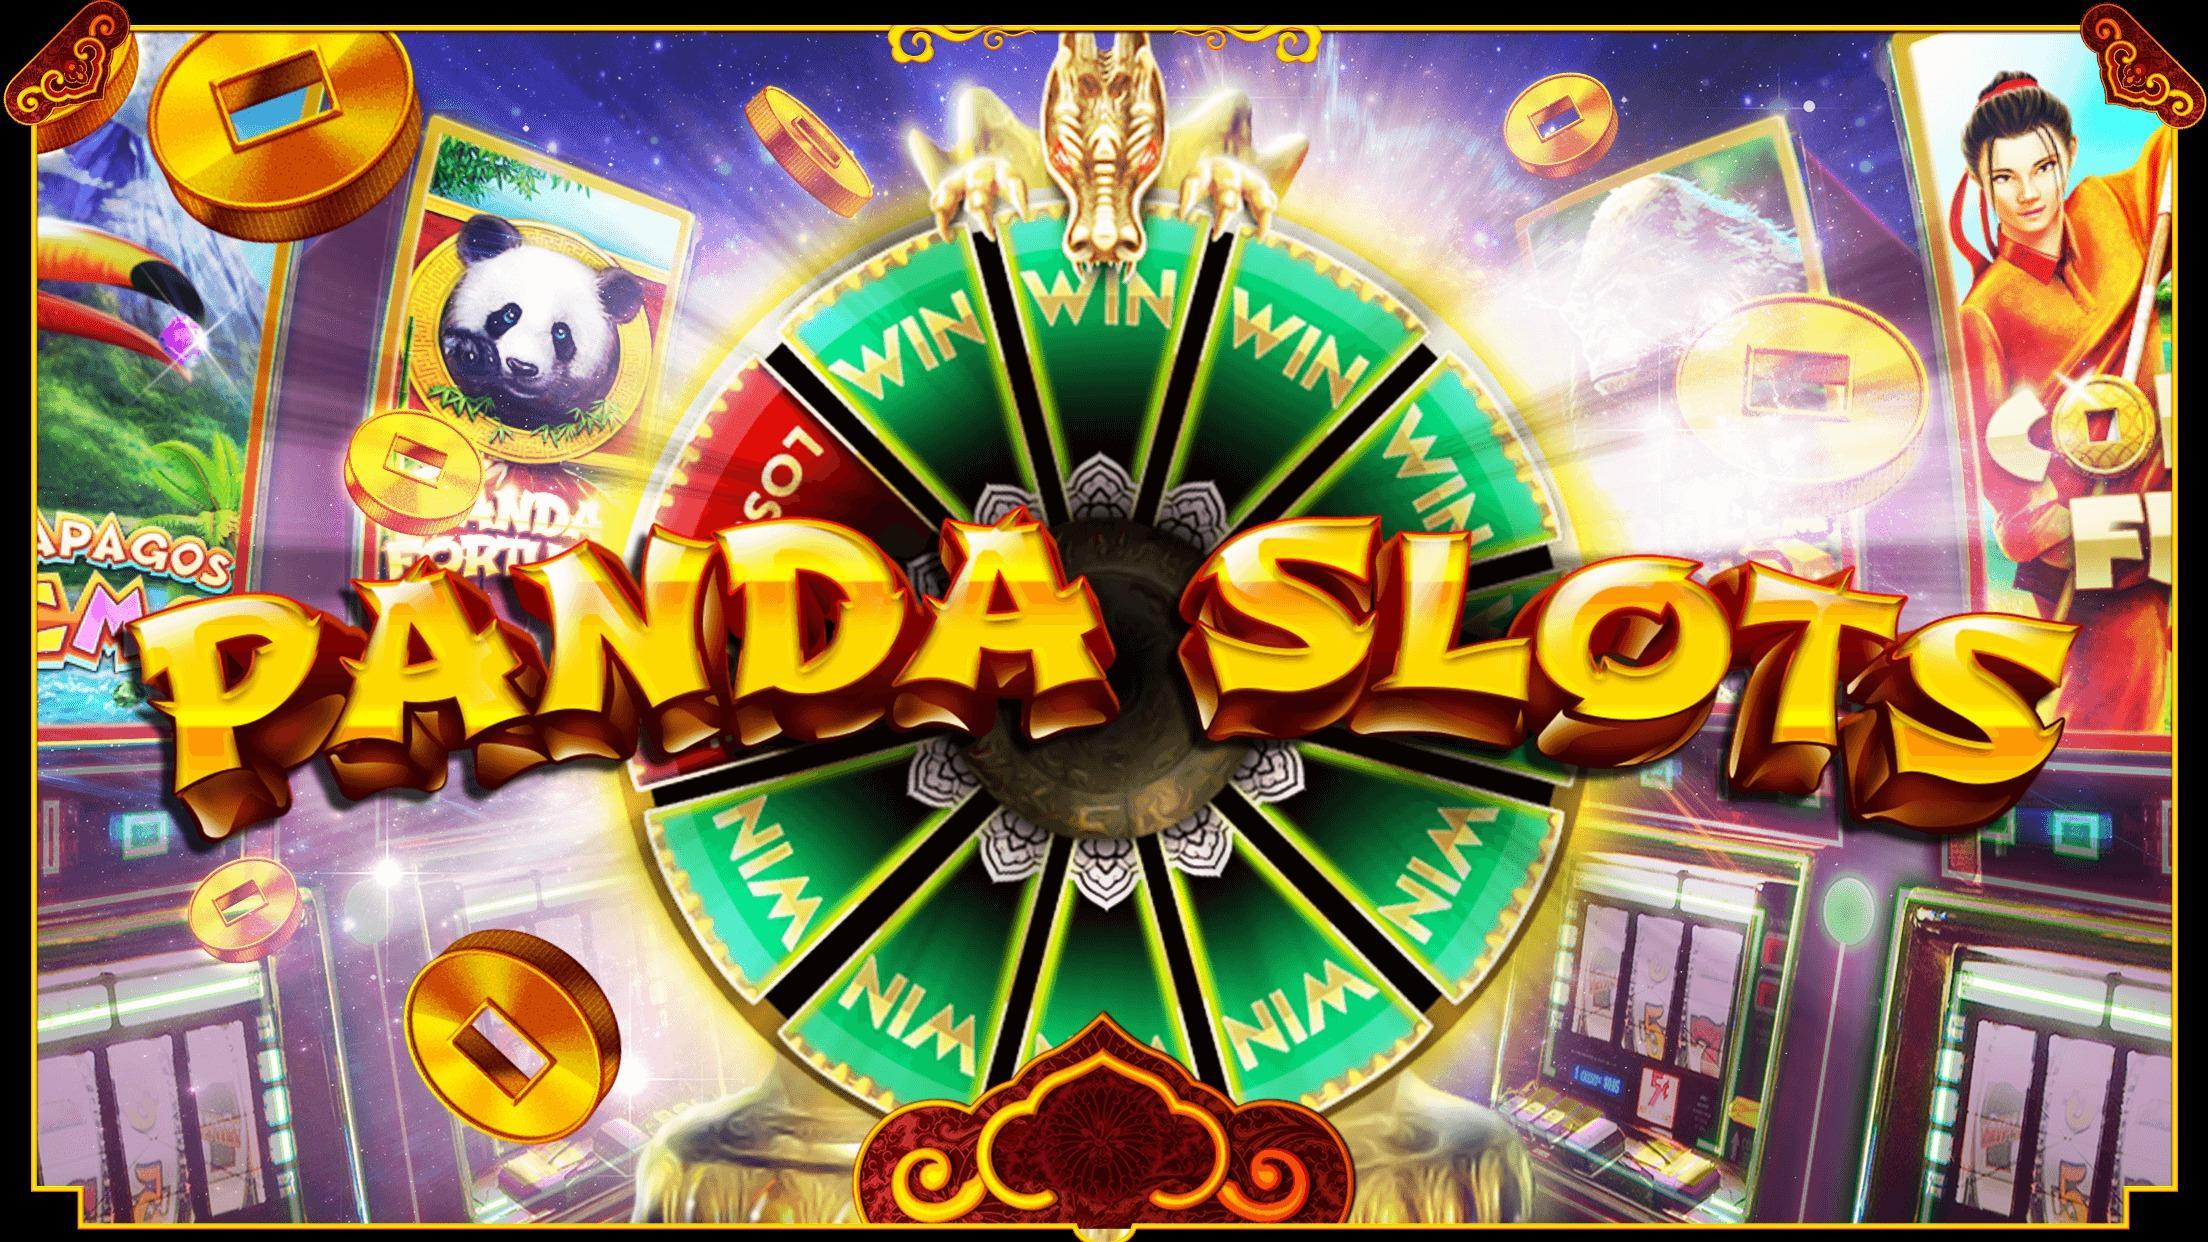 Panda Slots – Mega Win Spin Slot Jackpot 777 1.714 Screenshot 1